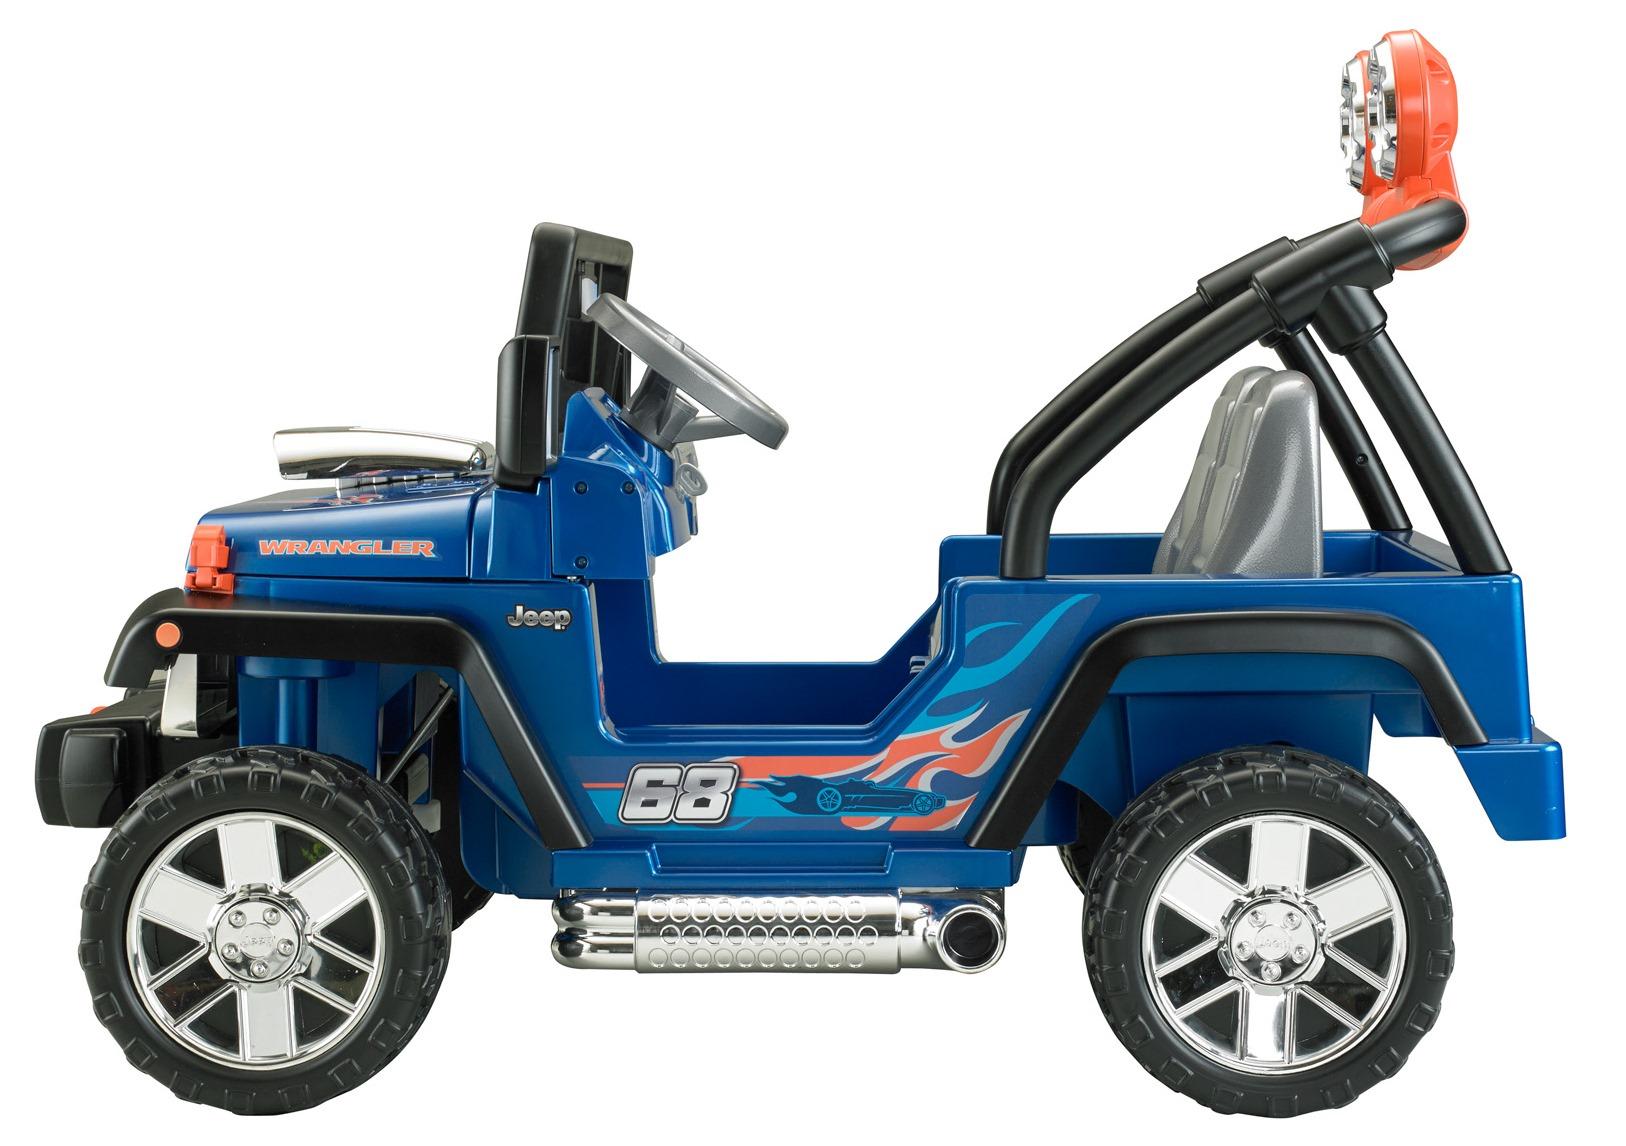 Hot Wheels clipart race start #5